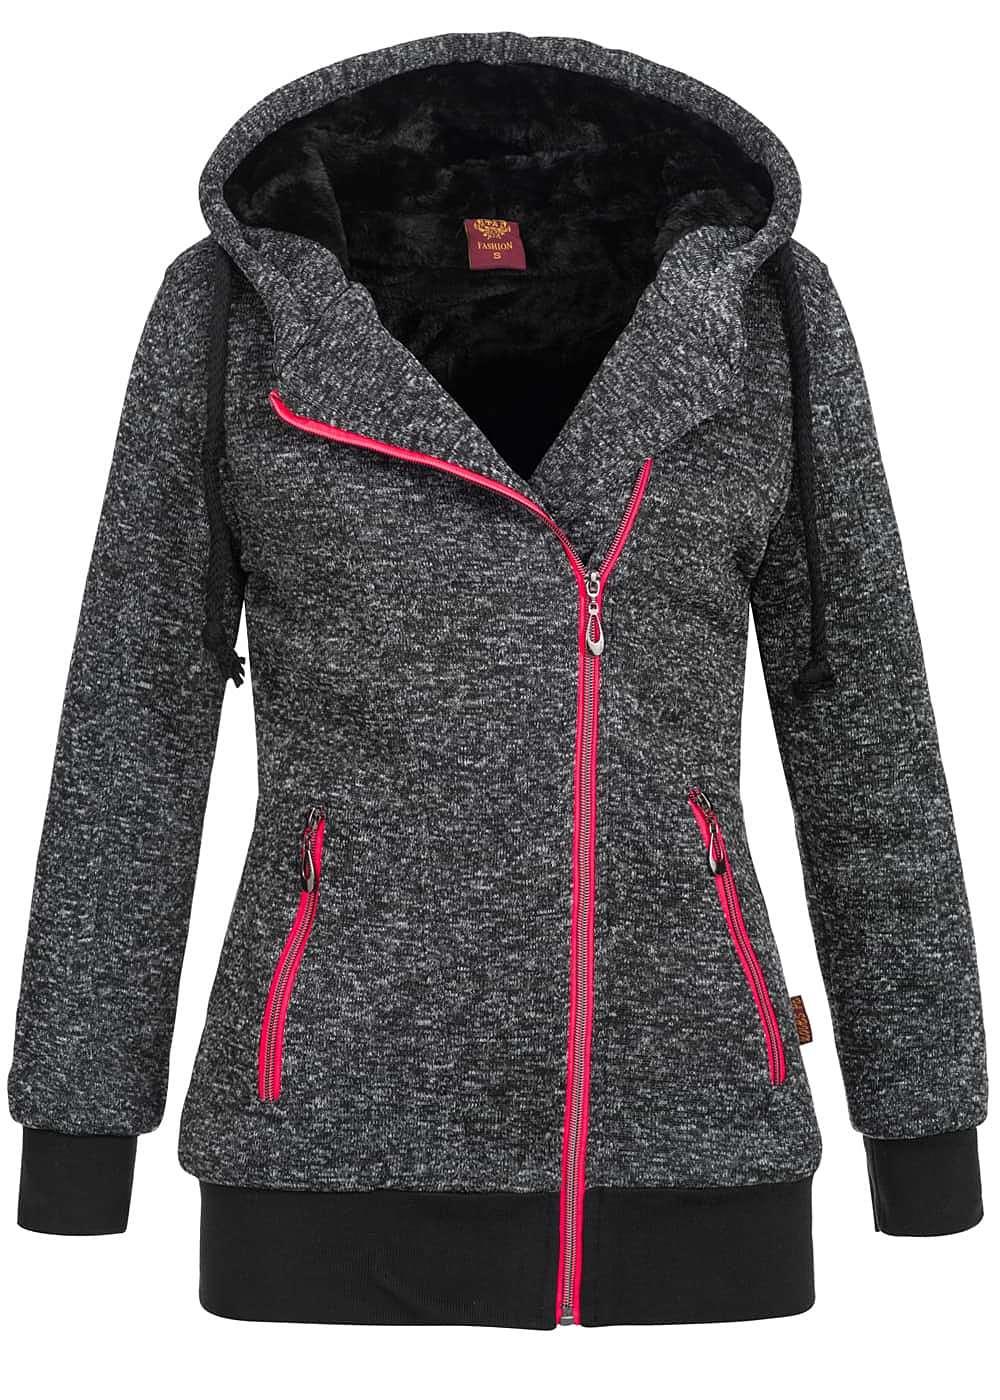 seventyseven lifestyle damen winter zip hoodie mit kapuze teddyfutter innen schwarz 77onlineshop. Black Bedroom Furniture Sets. Home Design Ideas